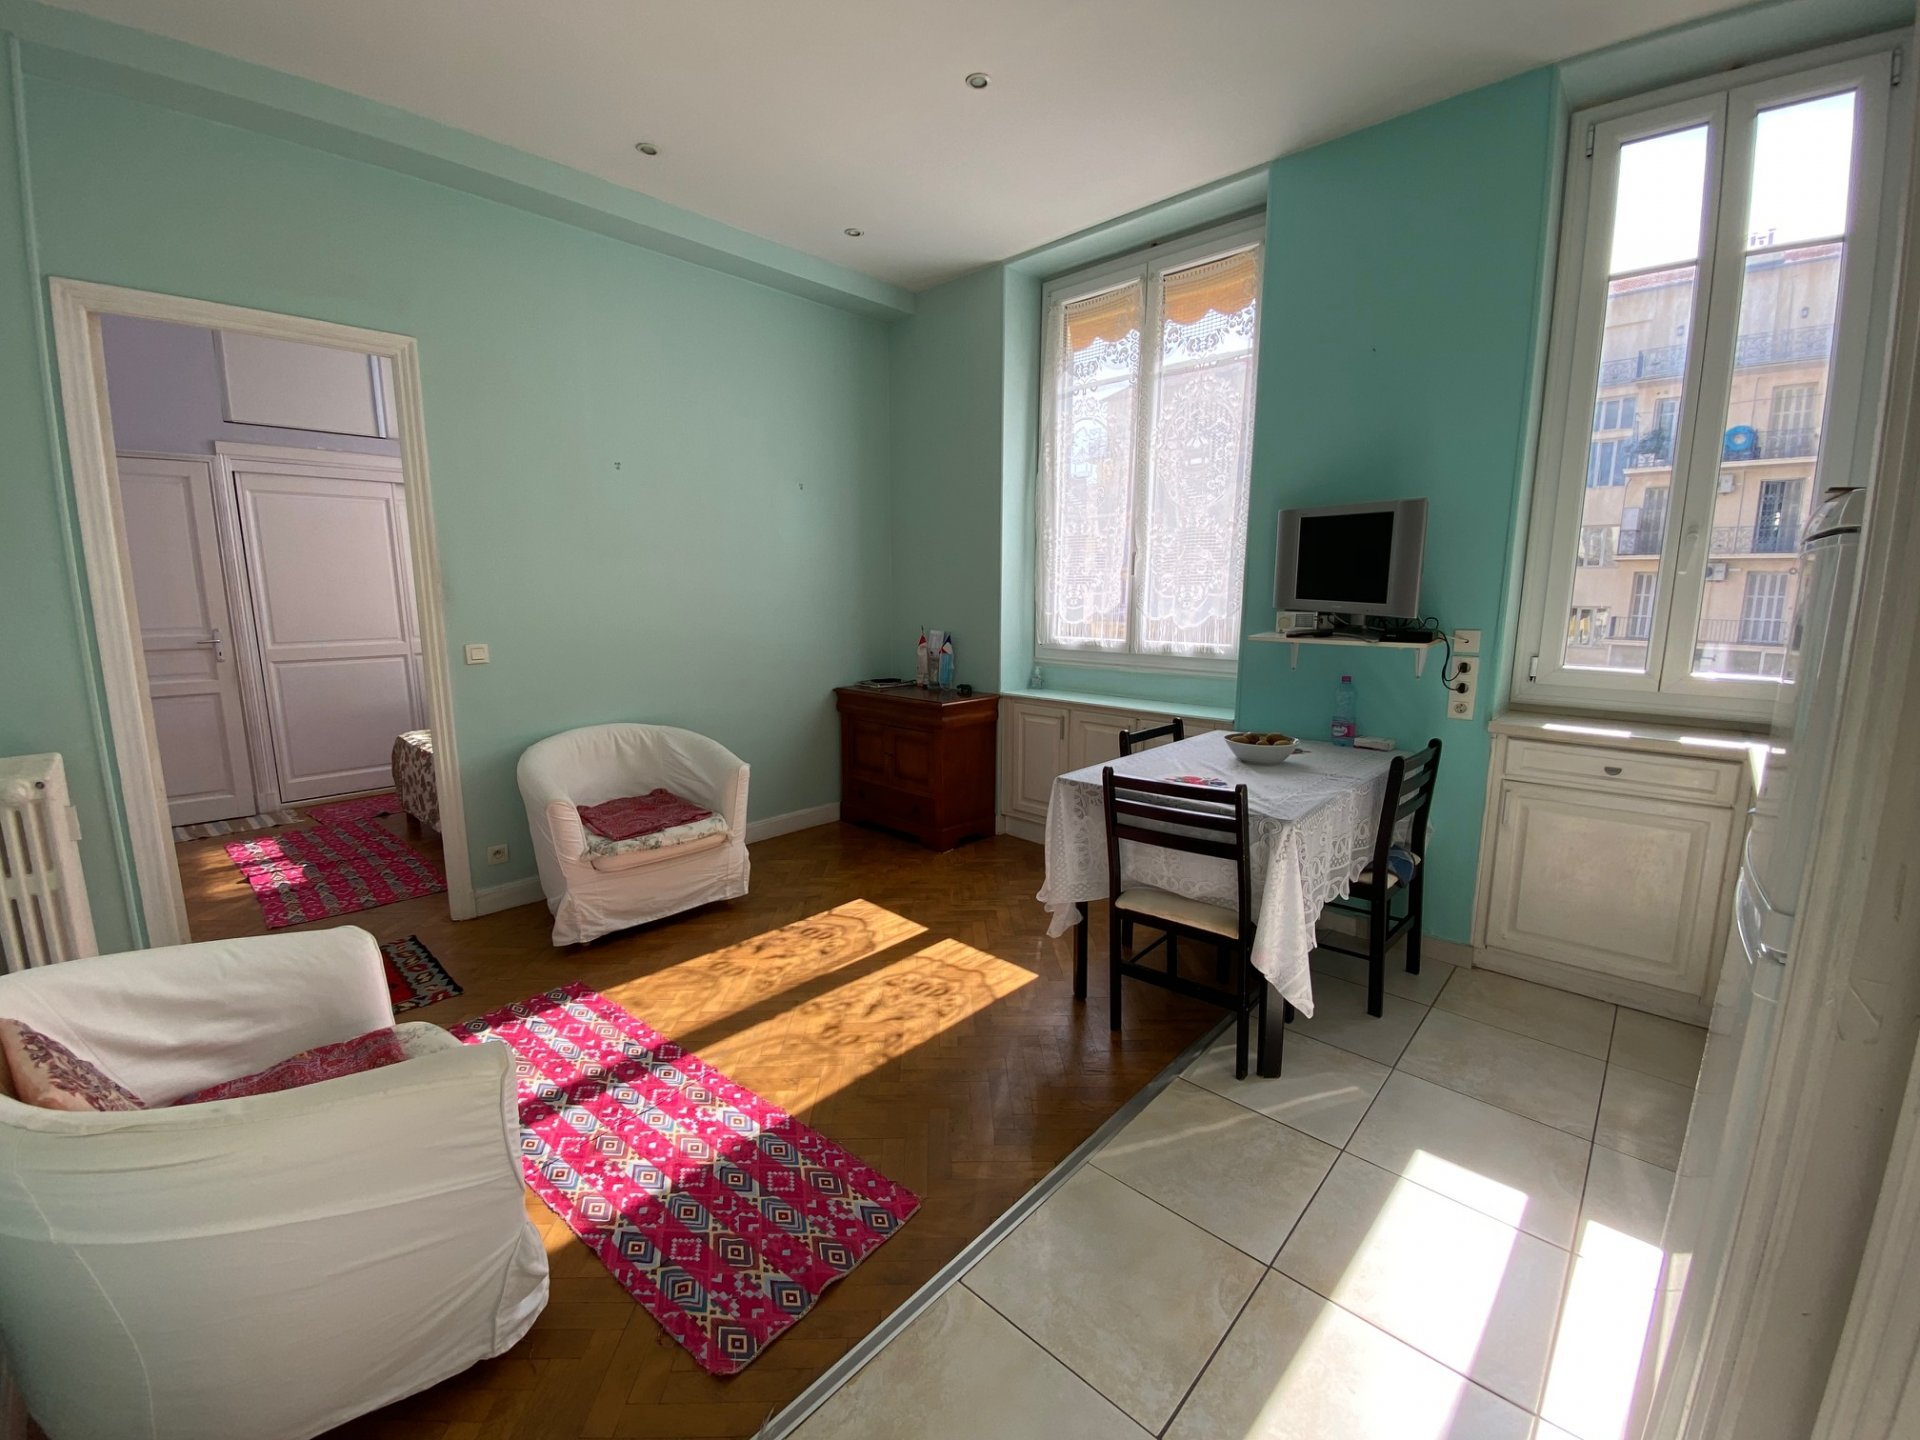 CARRE D'OR, 2 pièces de 31 m² avec cave